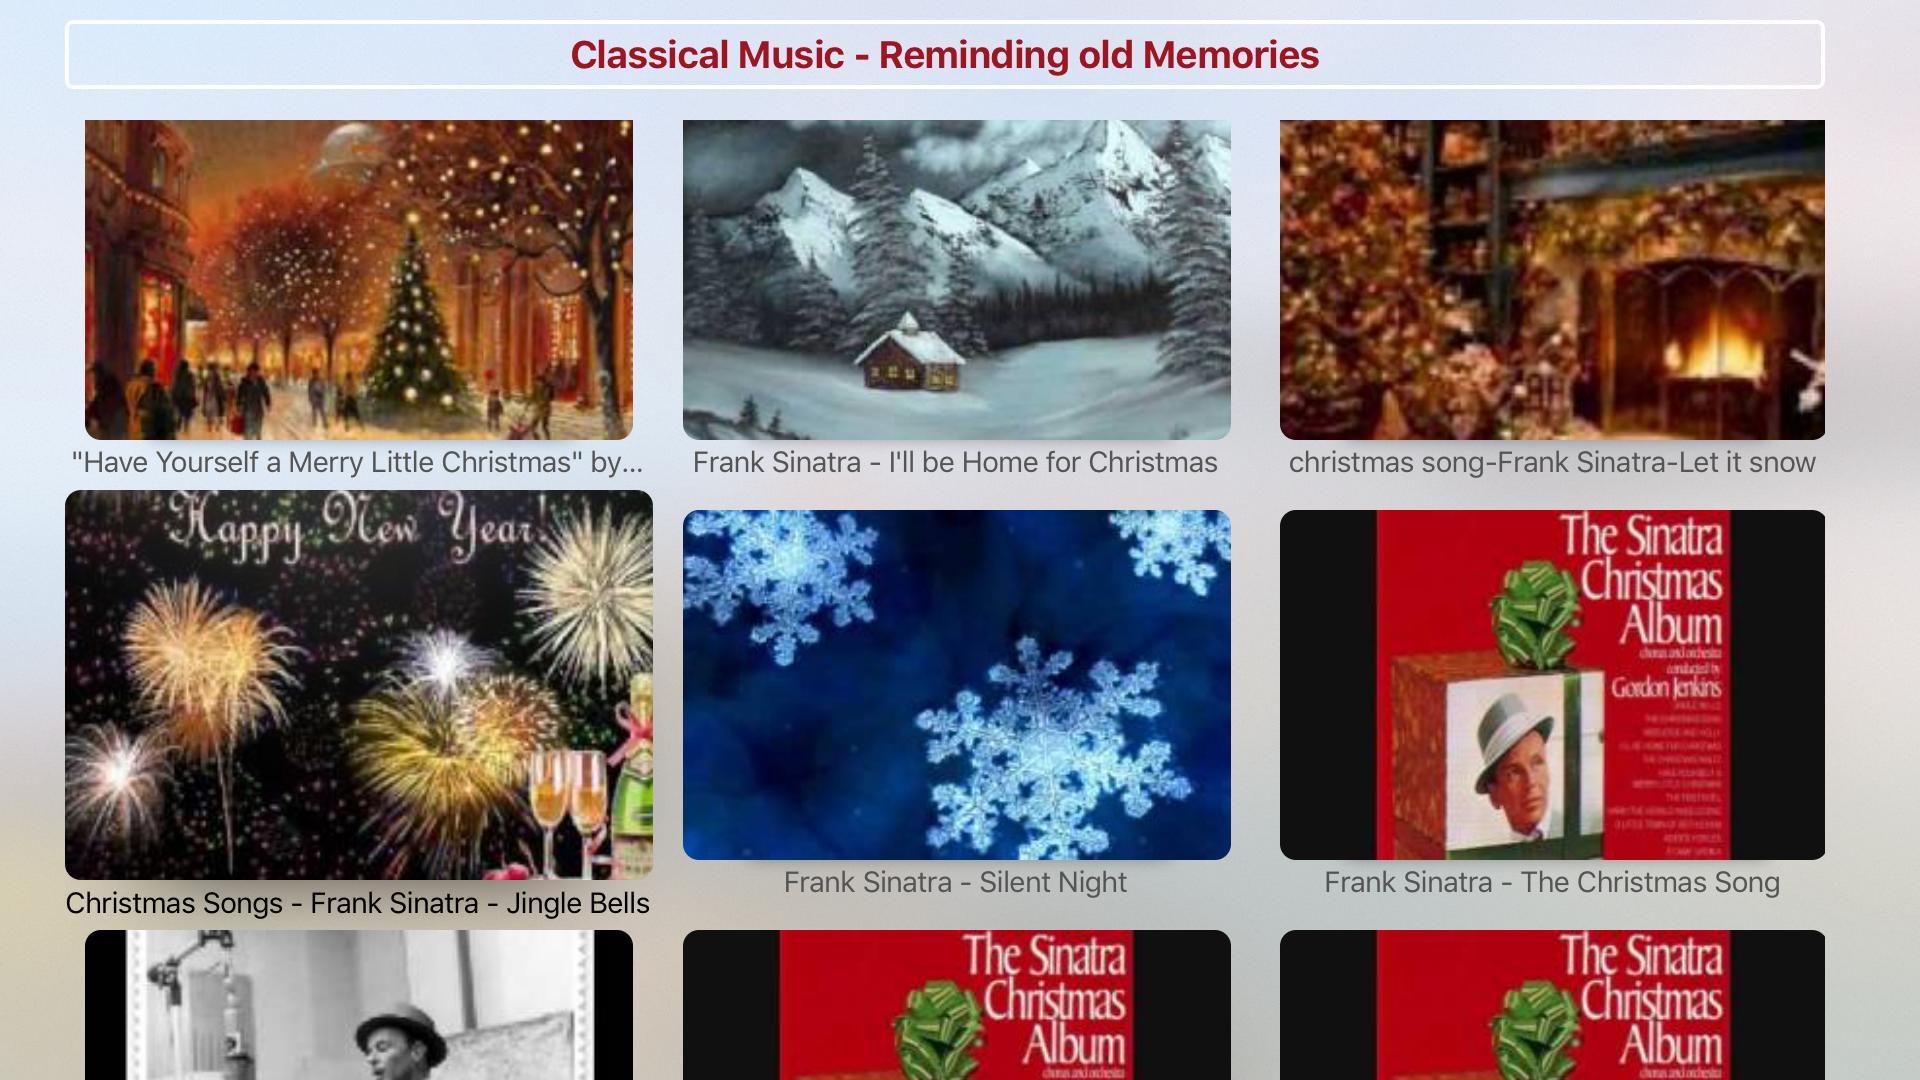 Classical Music - Old Memories screenshot 4